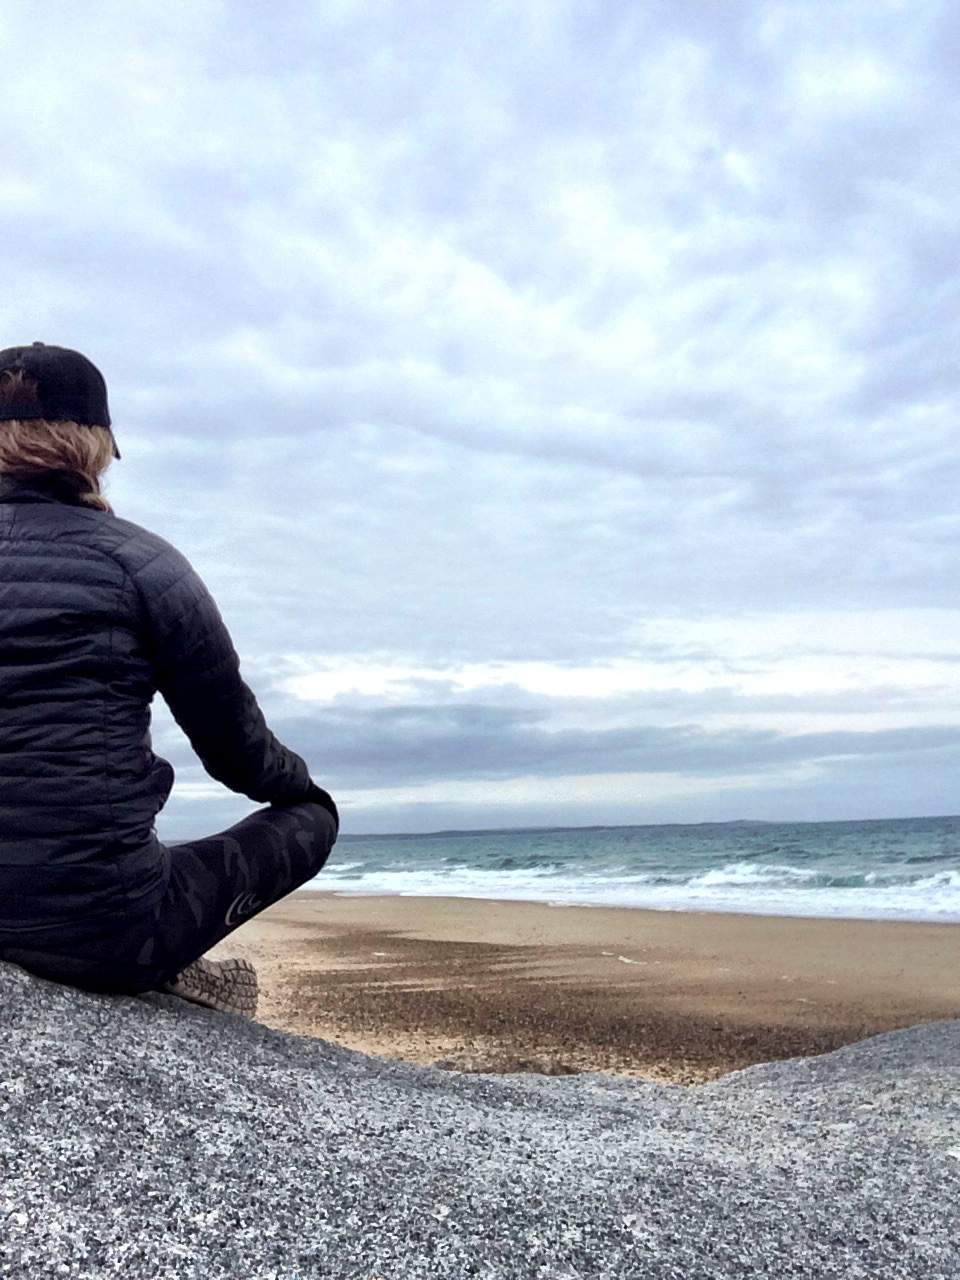 This mornings oceanside meditation